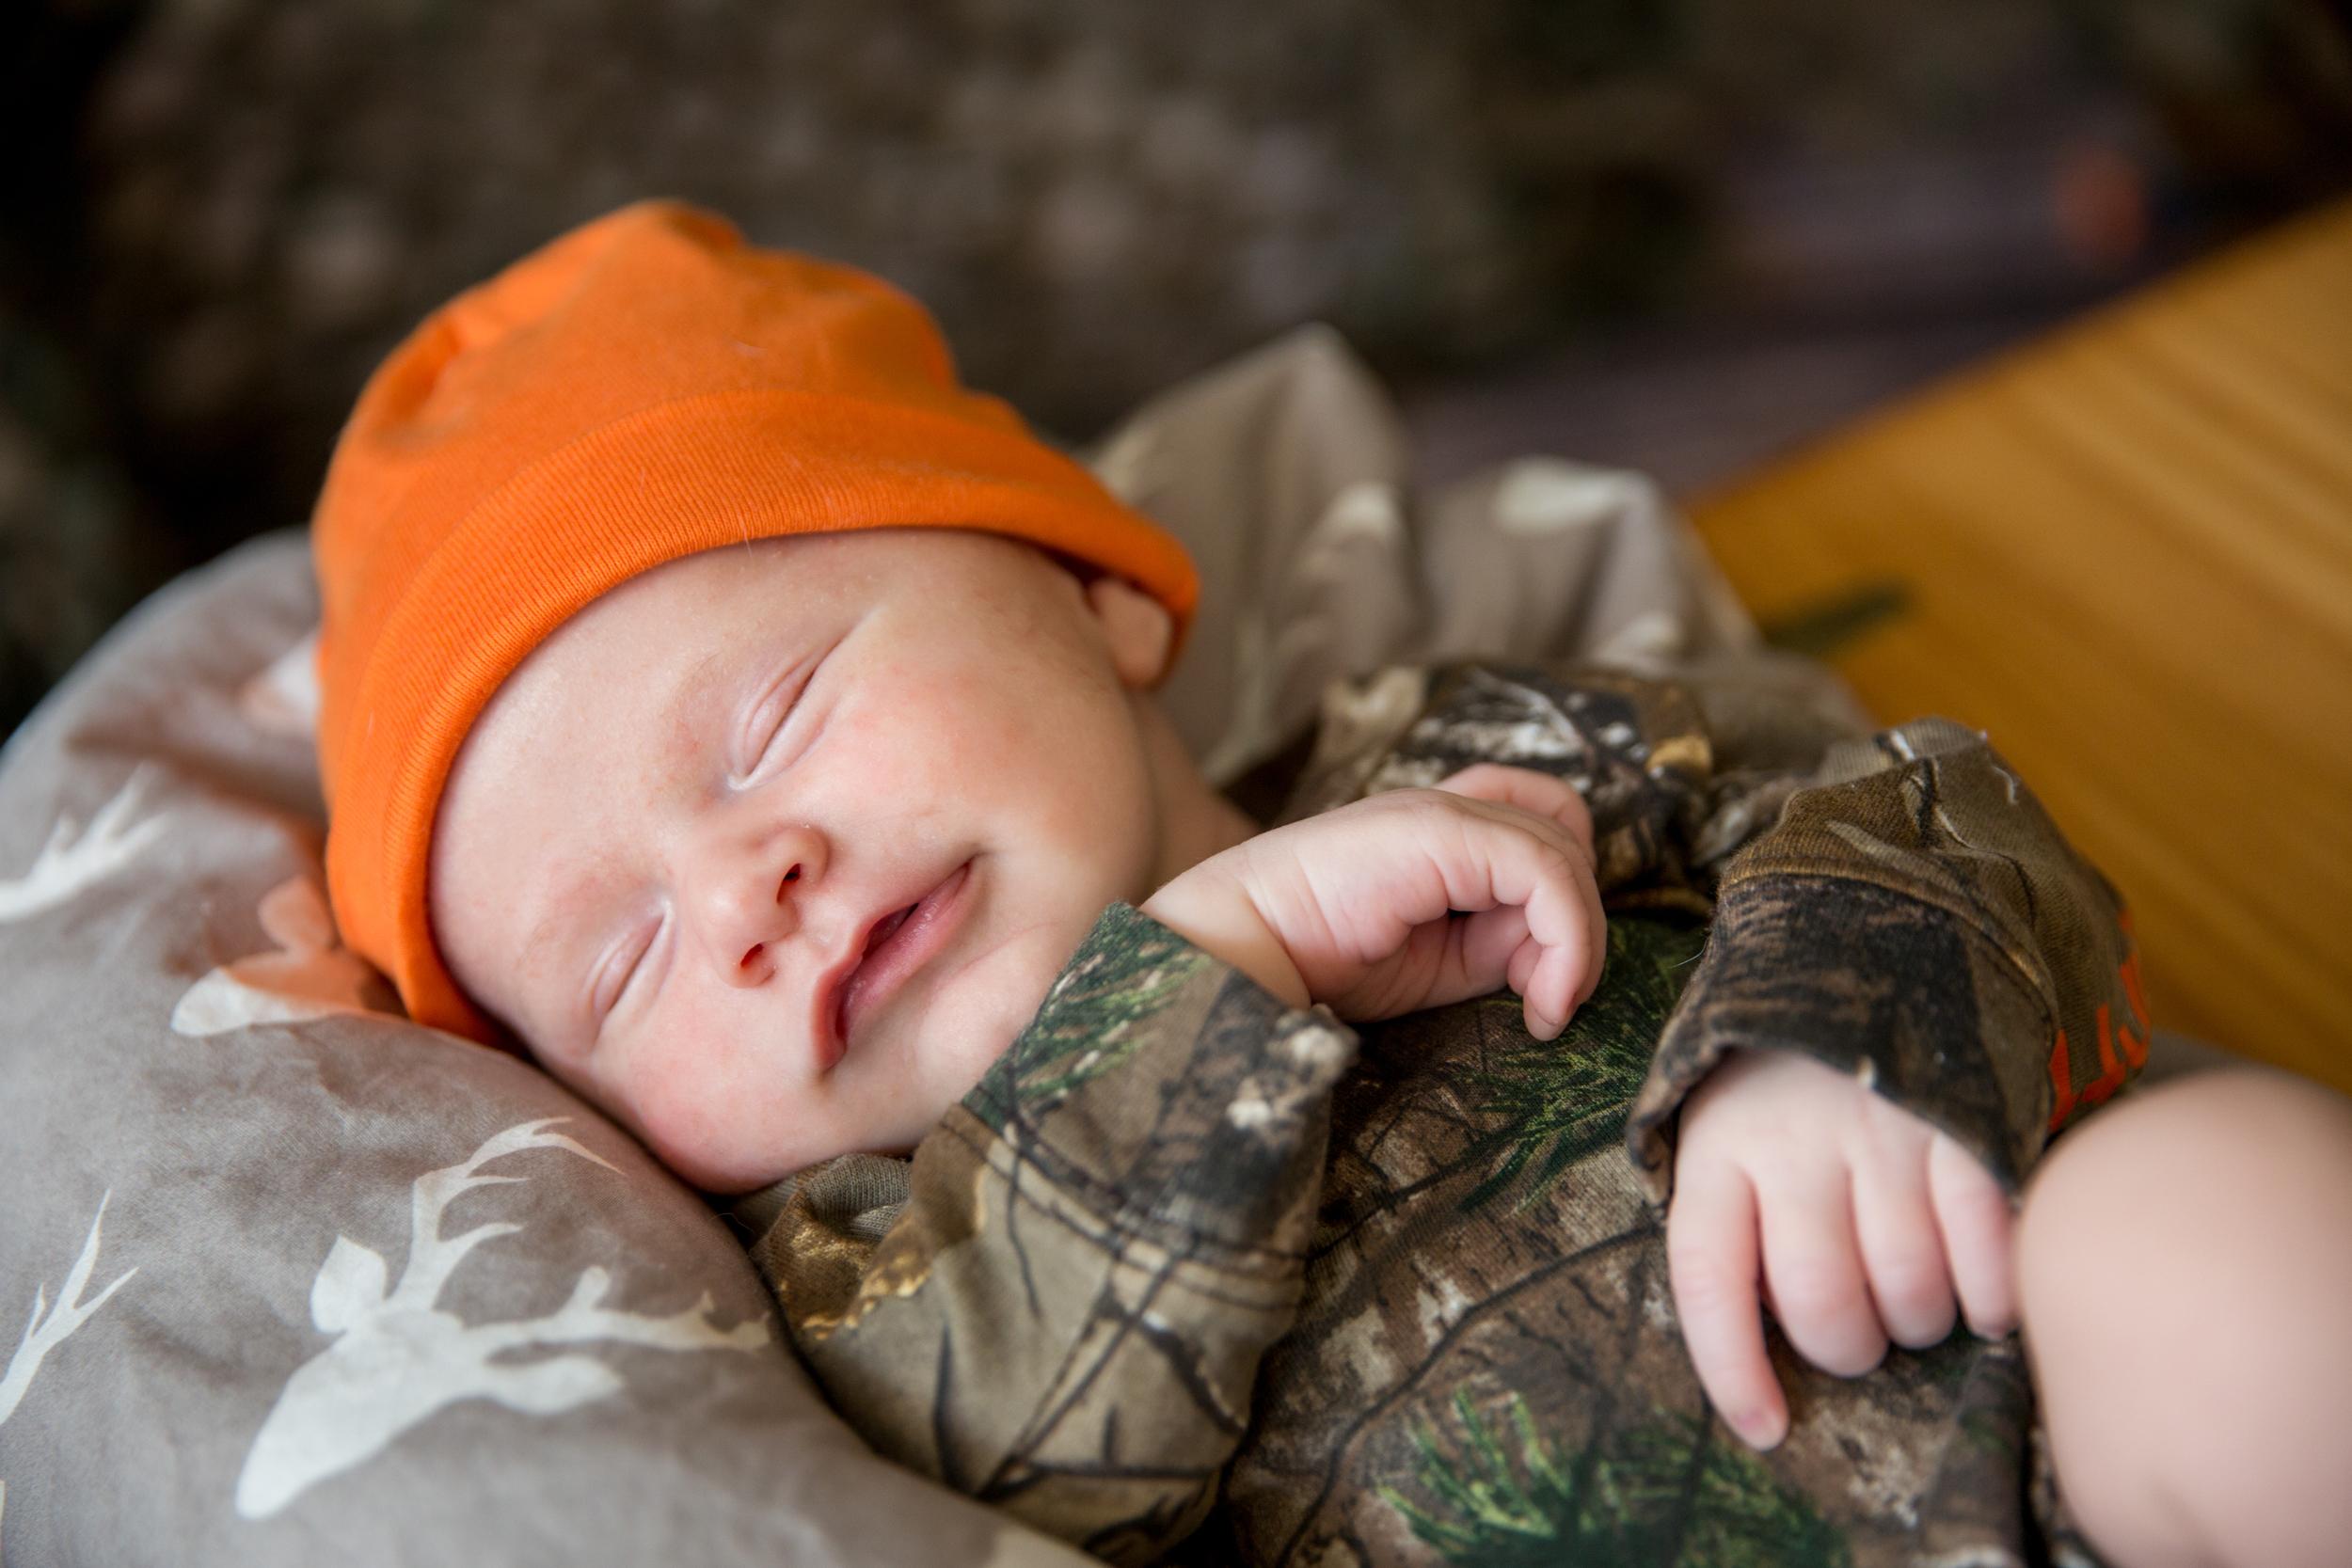 WEB_9-21-17_RhettKrips_Newborn-53.jpg